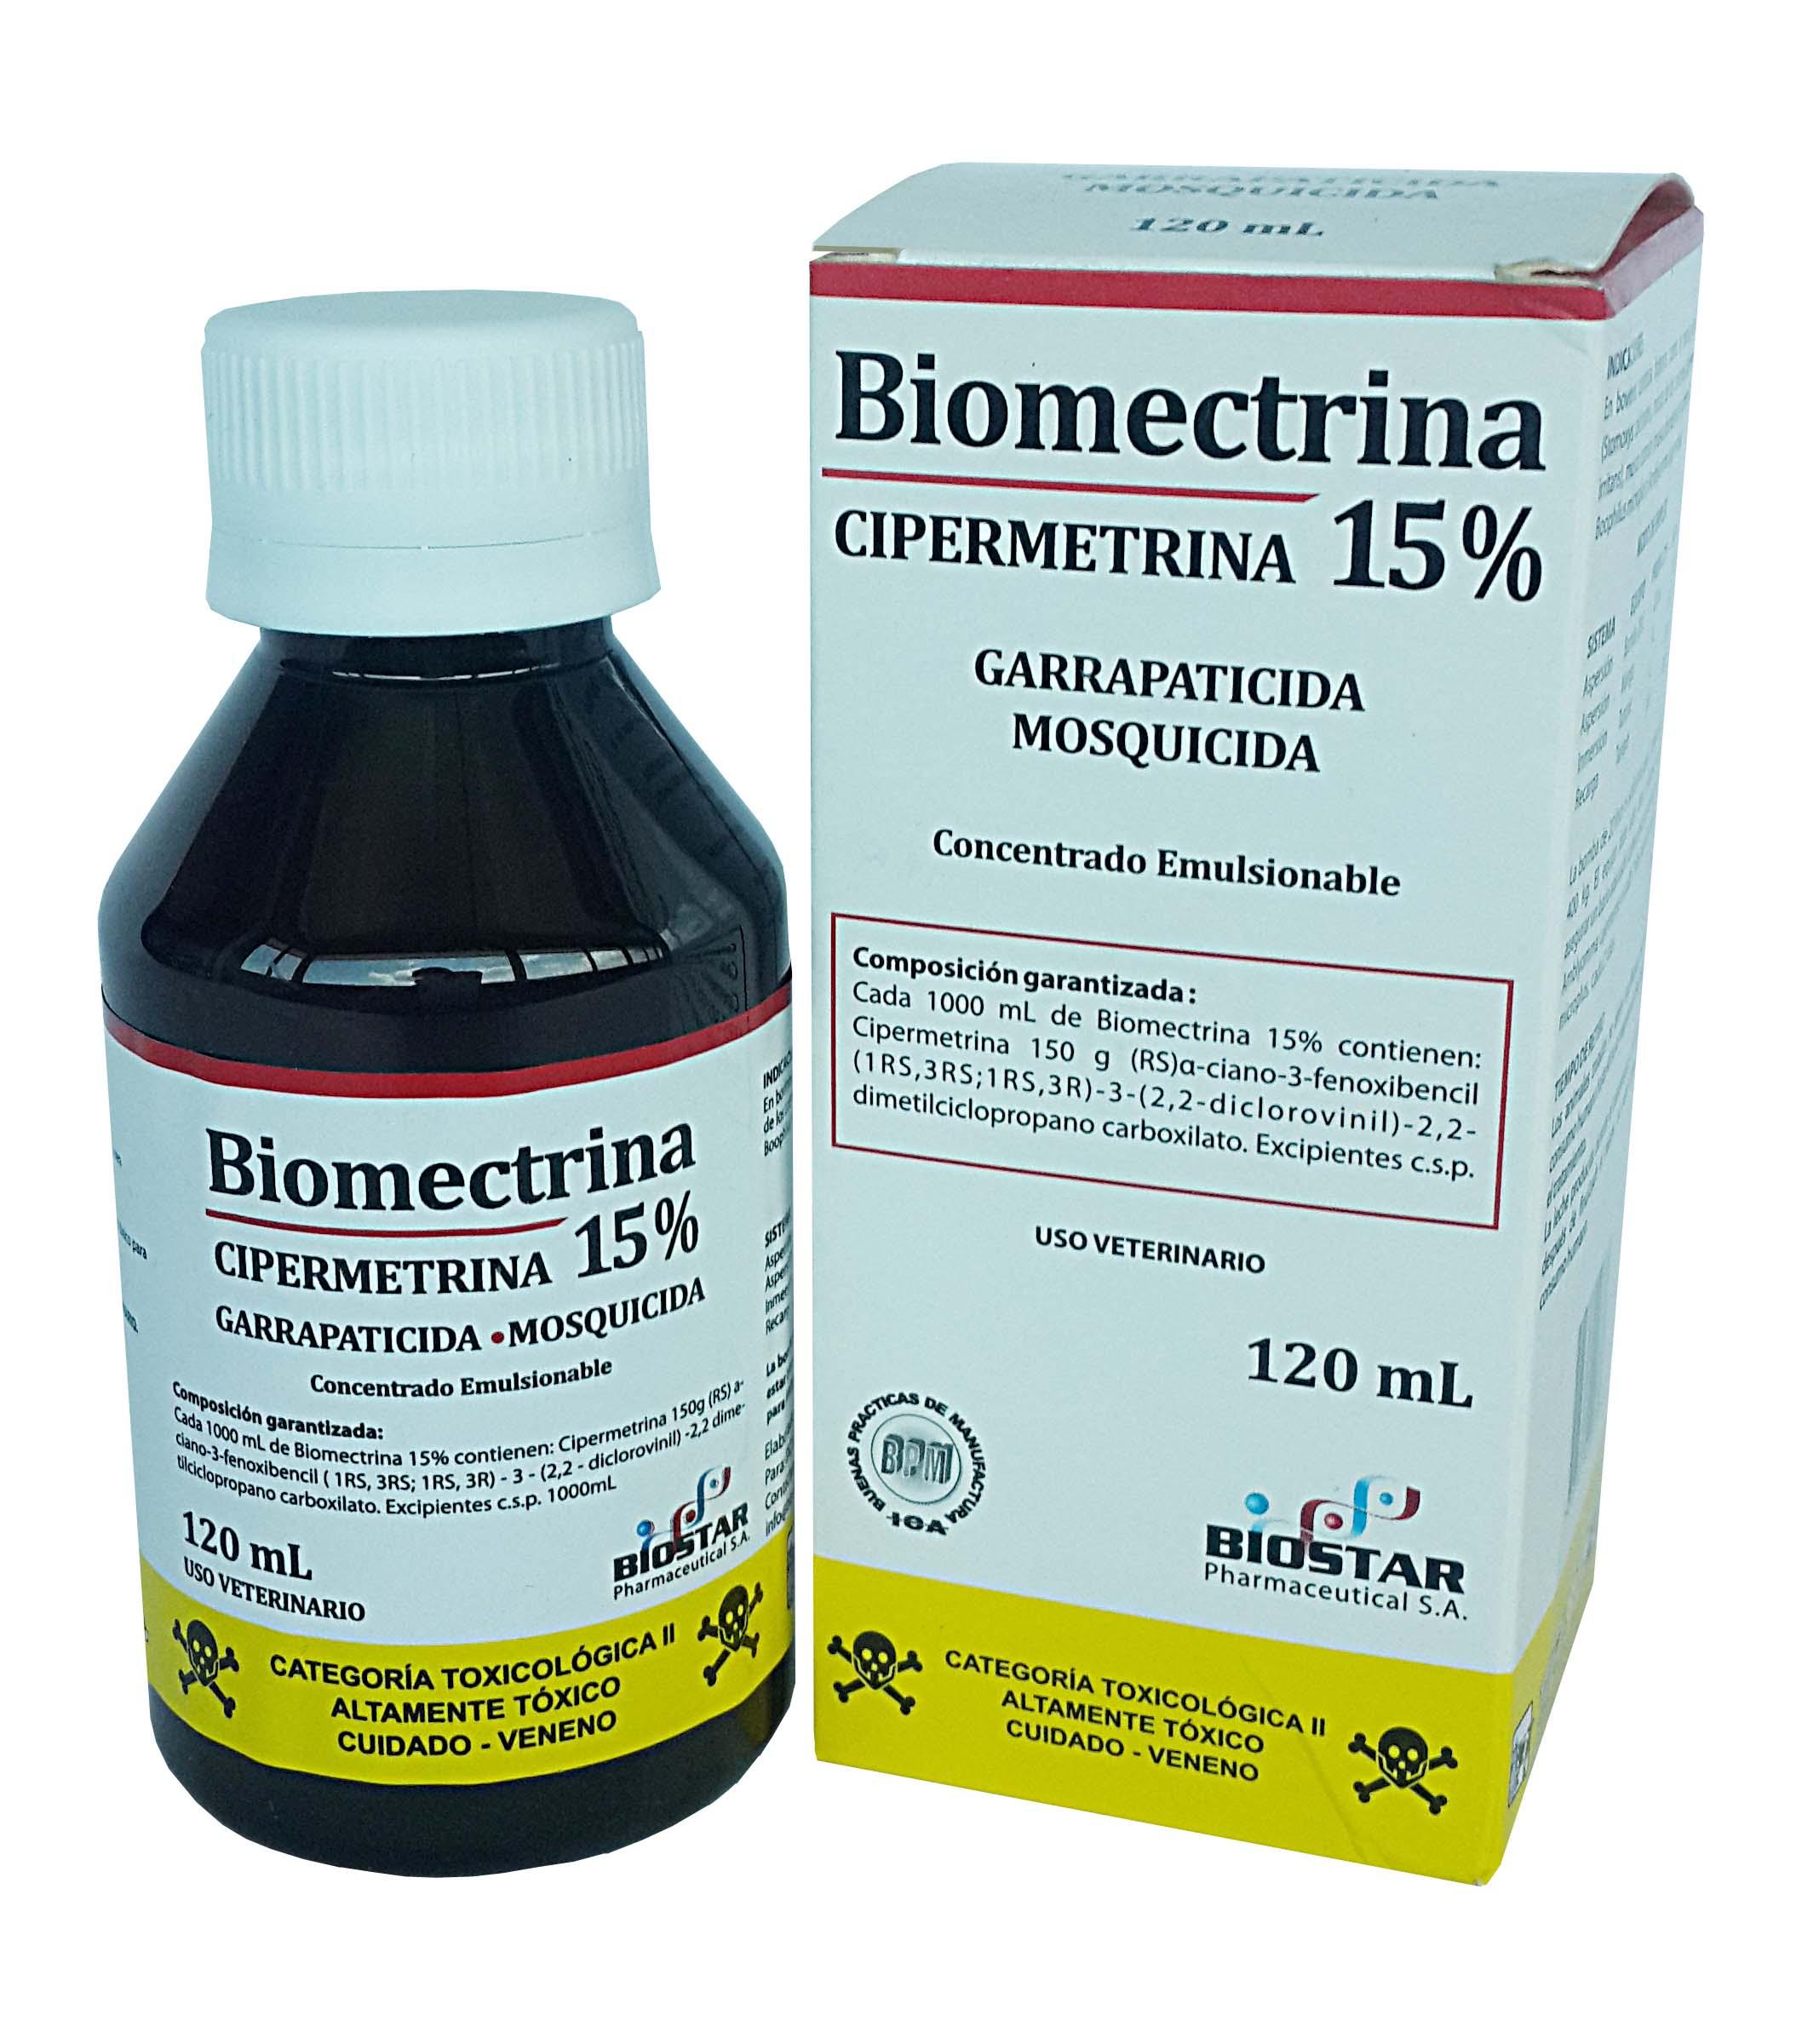 Biomectrina 15%